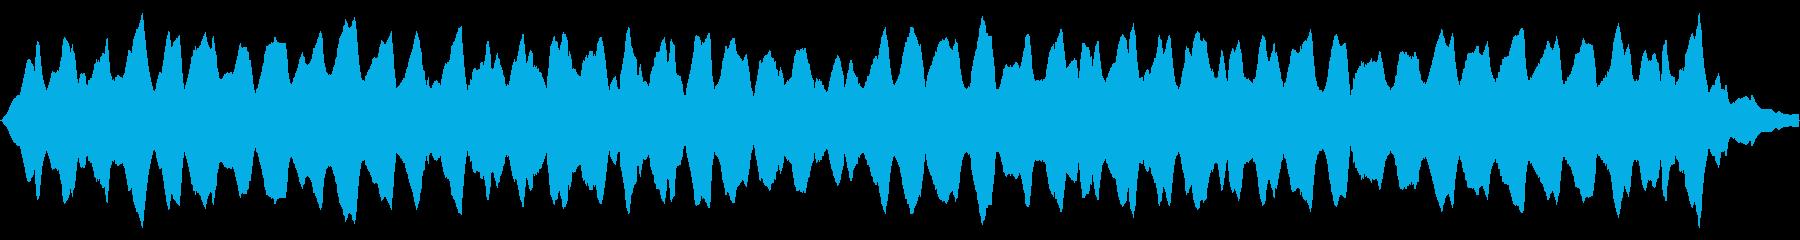 ピーポーピーポー(救急車のサイレン(団…の再生済みの波形